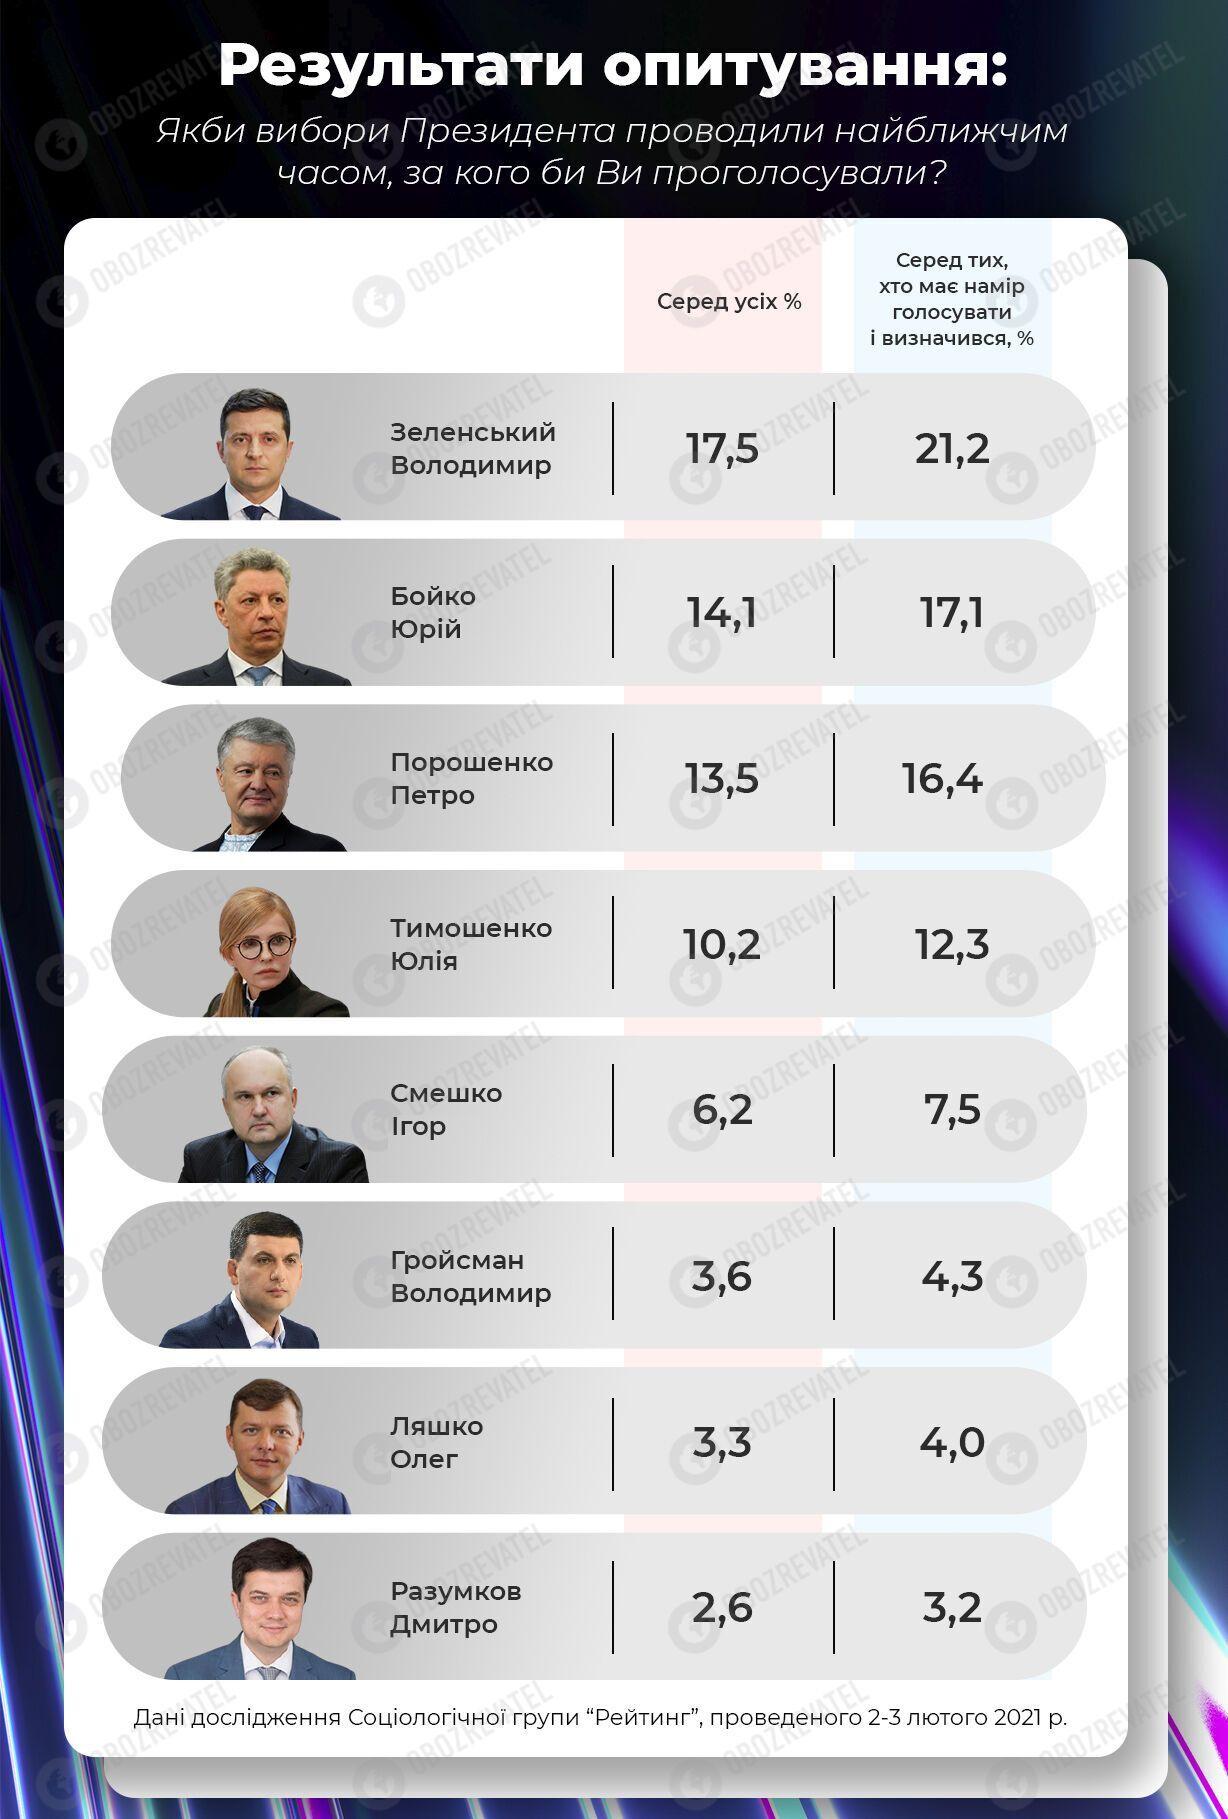 Президентський рейтинг політиків.